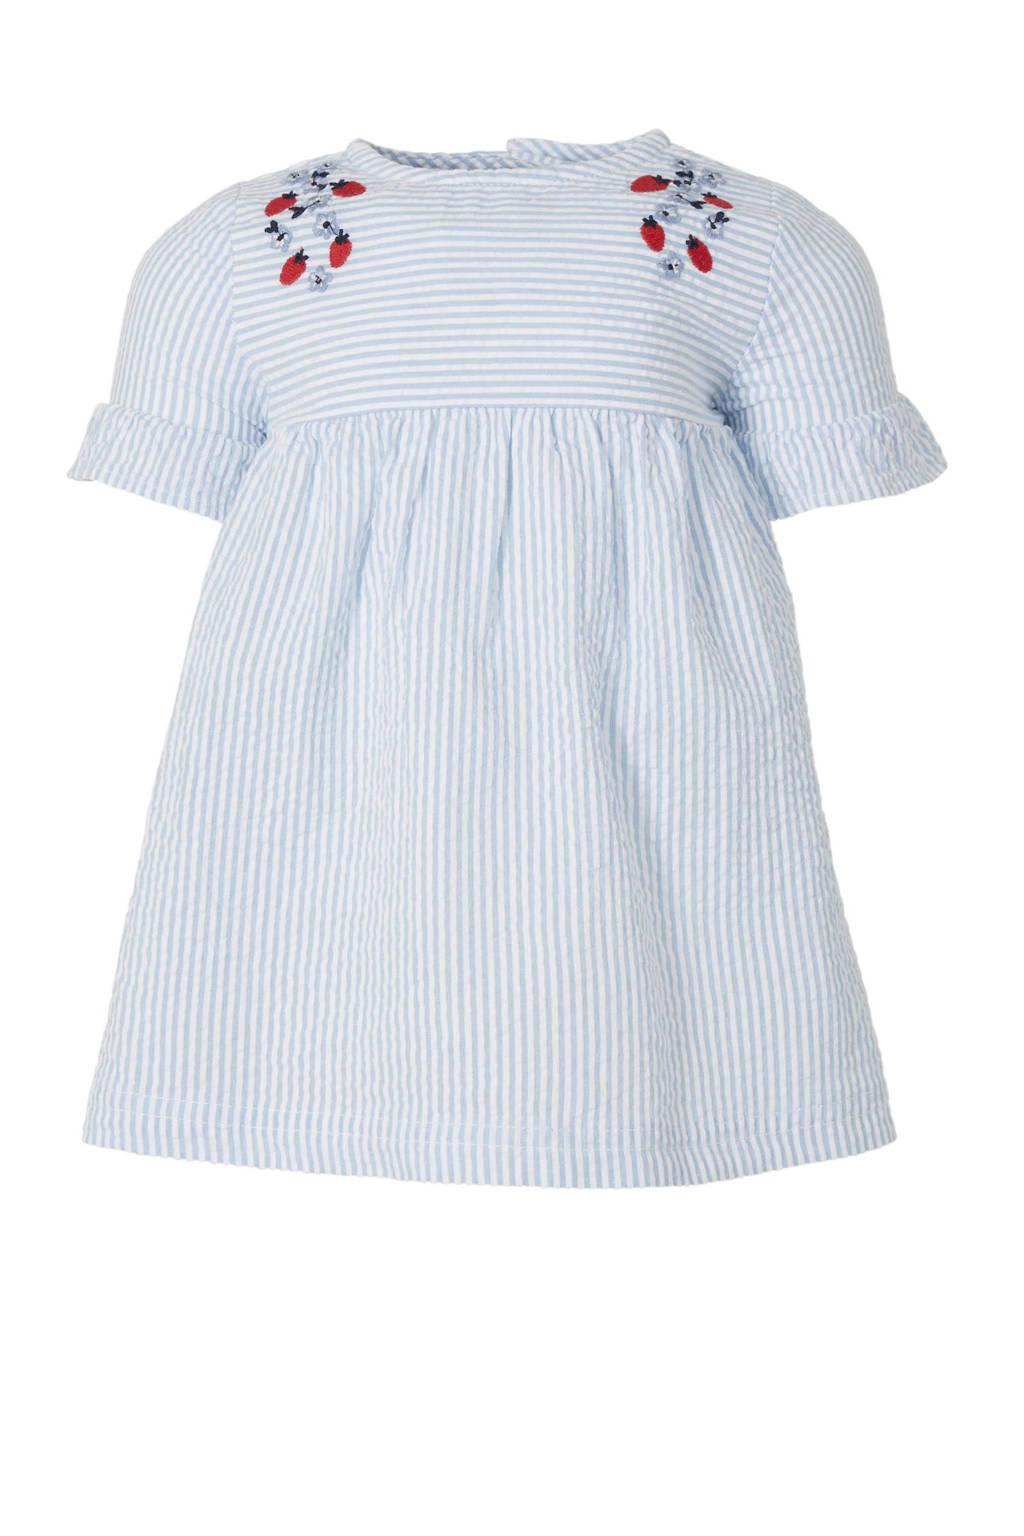 C&A Baby Club gestreepte jurk met borduursels blauw, Lichtblauw/wit